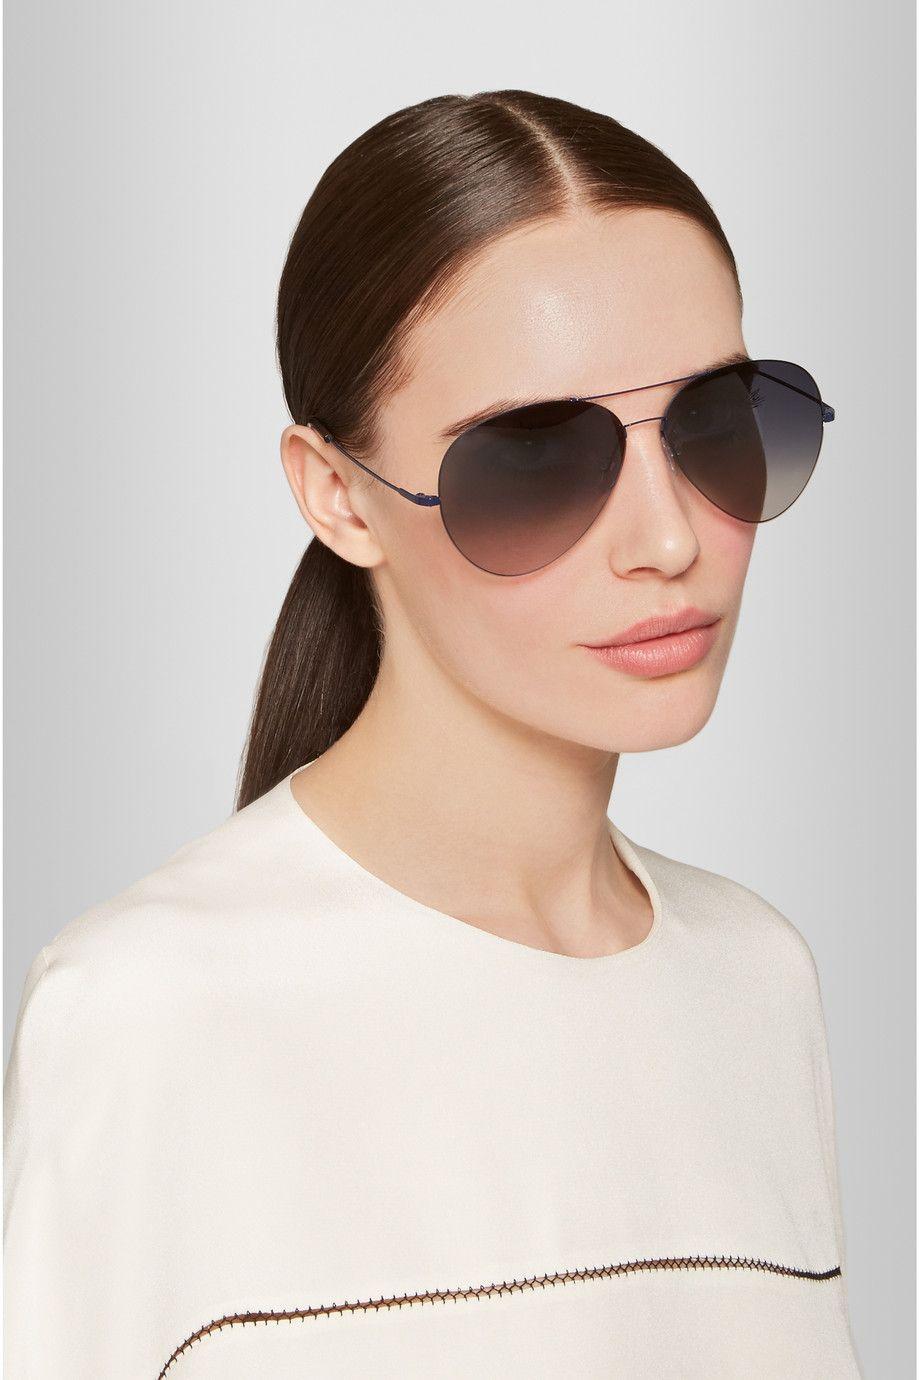 Victoria Beckham   Aviator metal sunglasses   NET-A-PORTER.COM ... 022803a6c93b